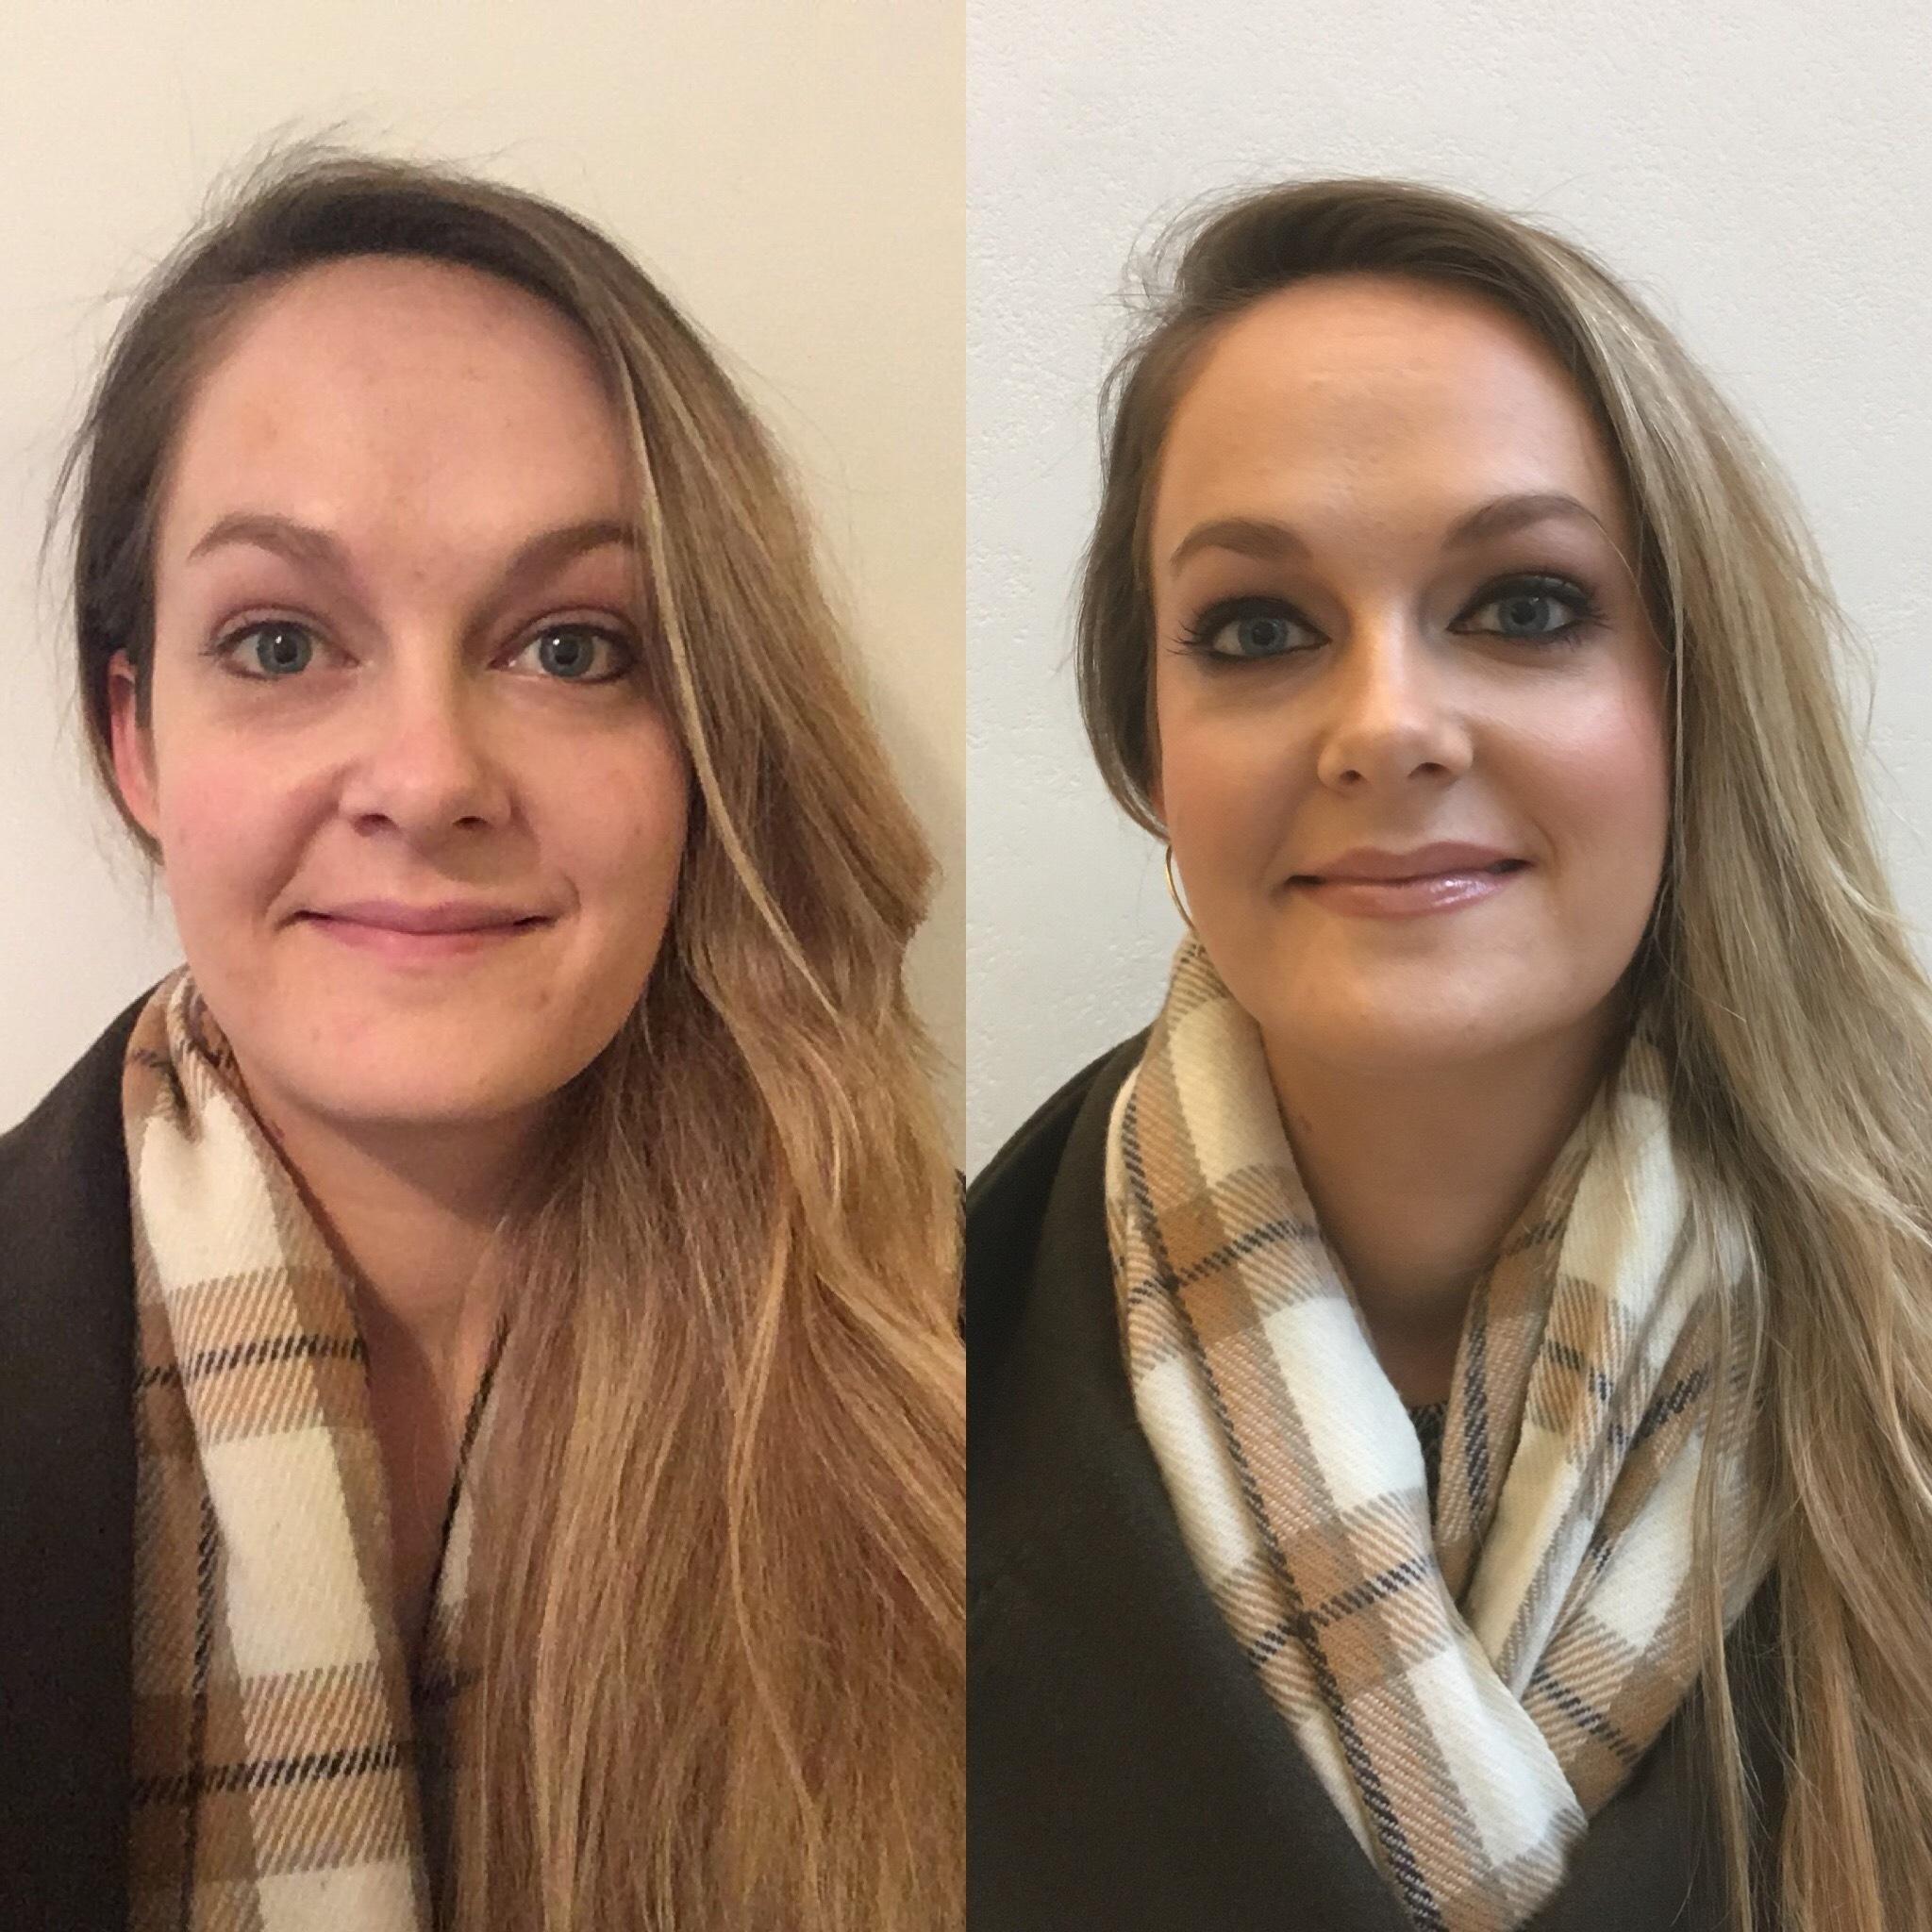 2018.2.6-Charlotte-Tillbury-makeover.JPG#asset:636389